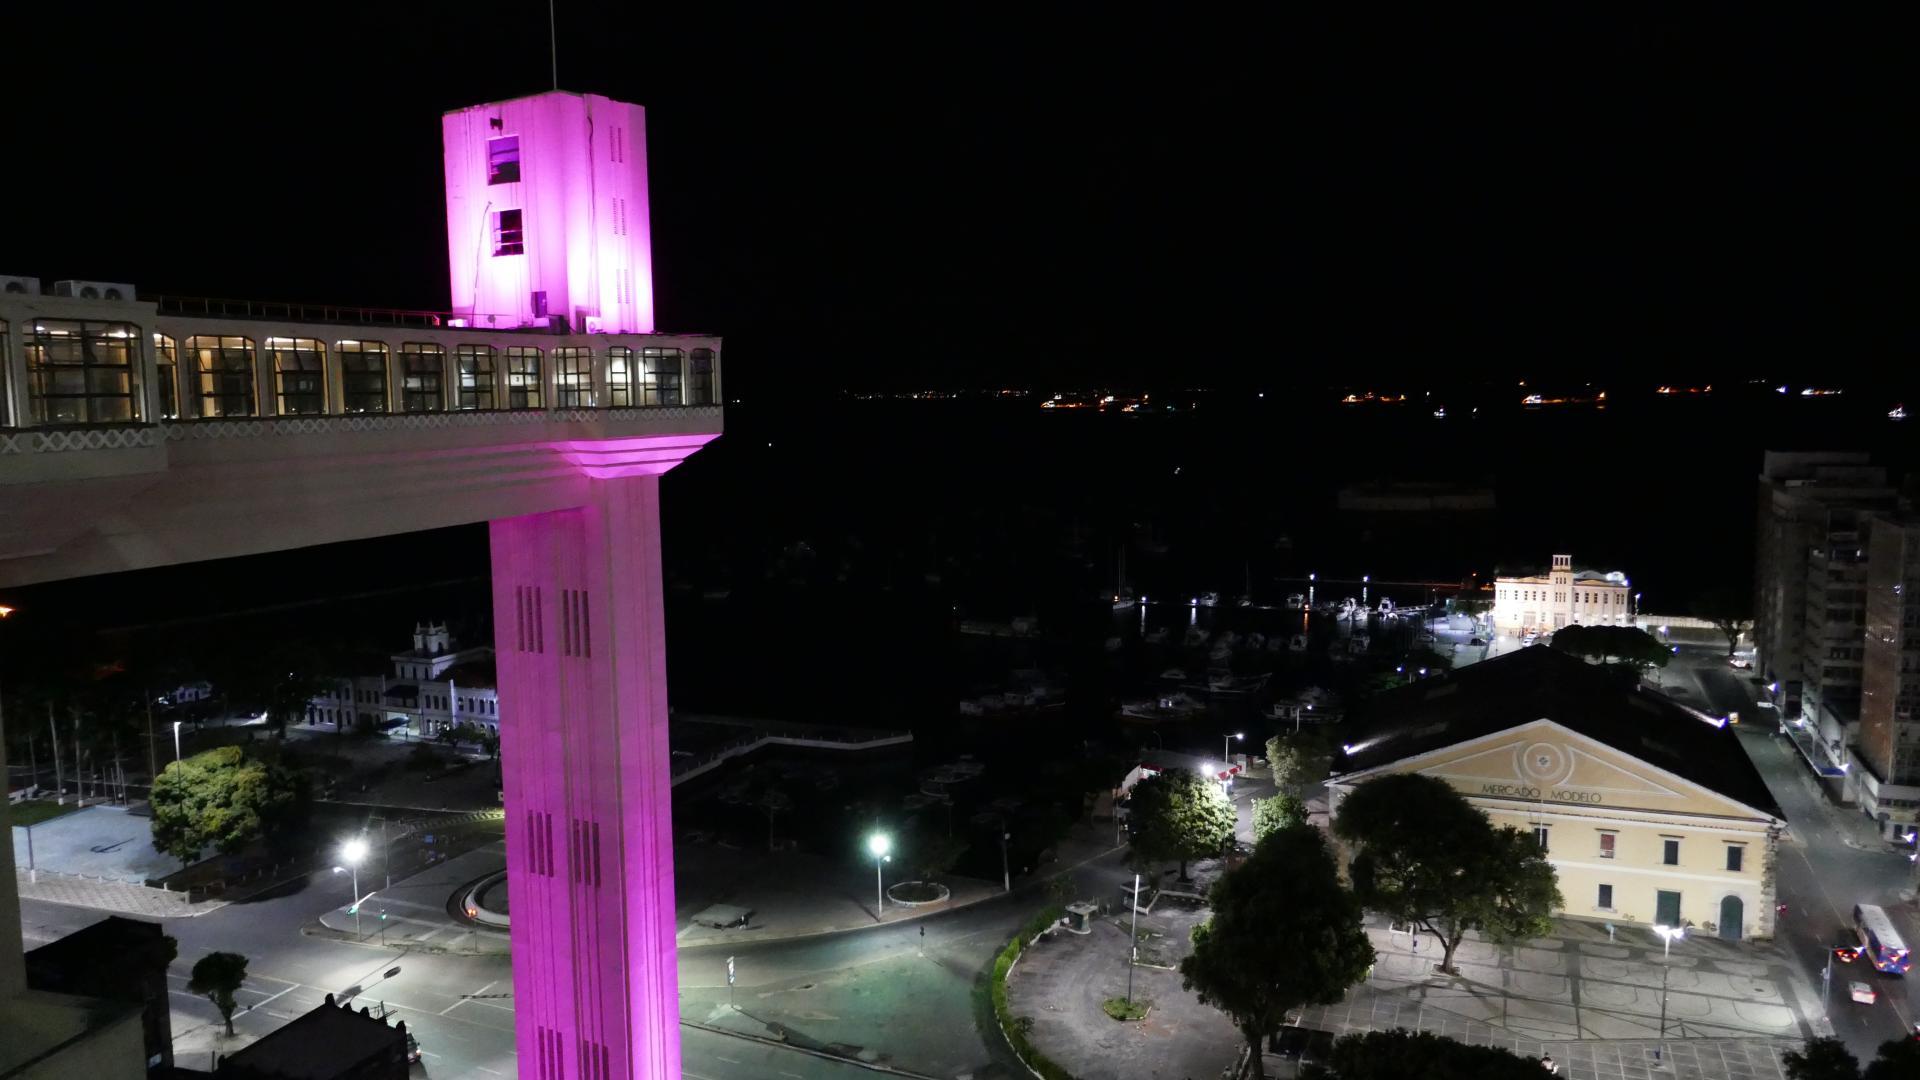 Lacerda Aufzug und Markthalle in Salvador im Dunklen festlich beleuchtet